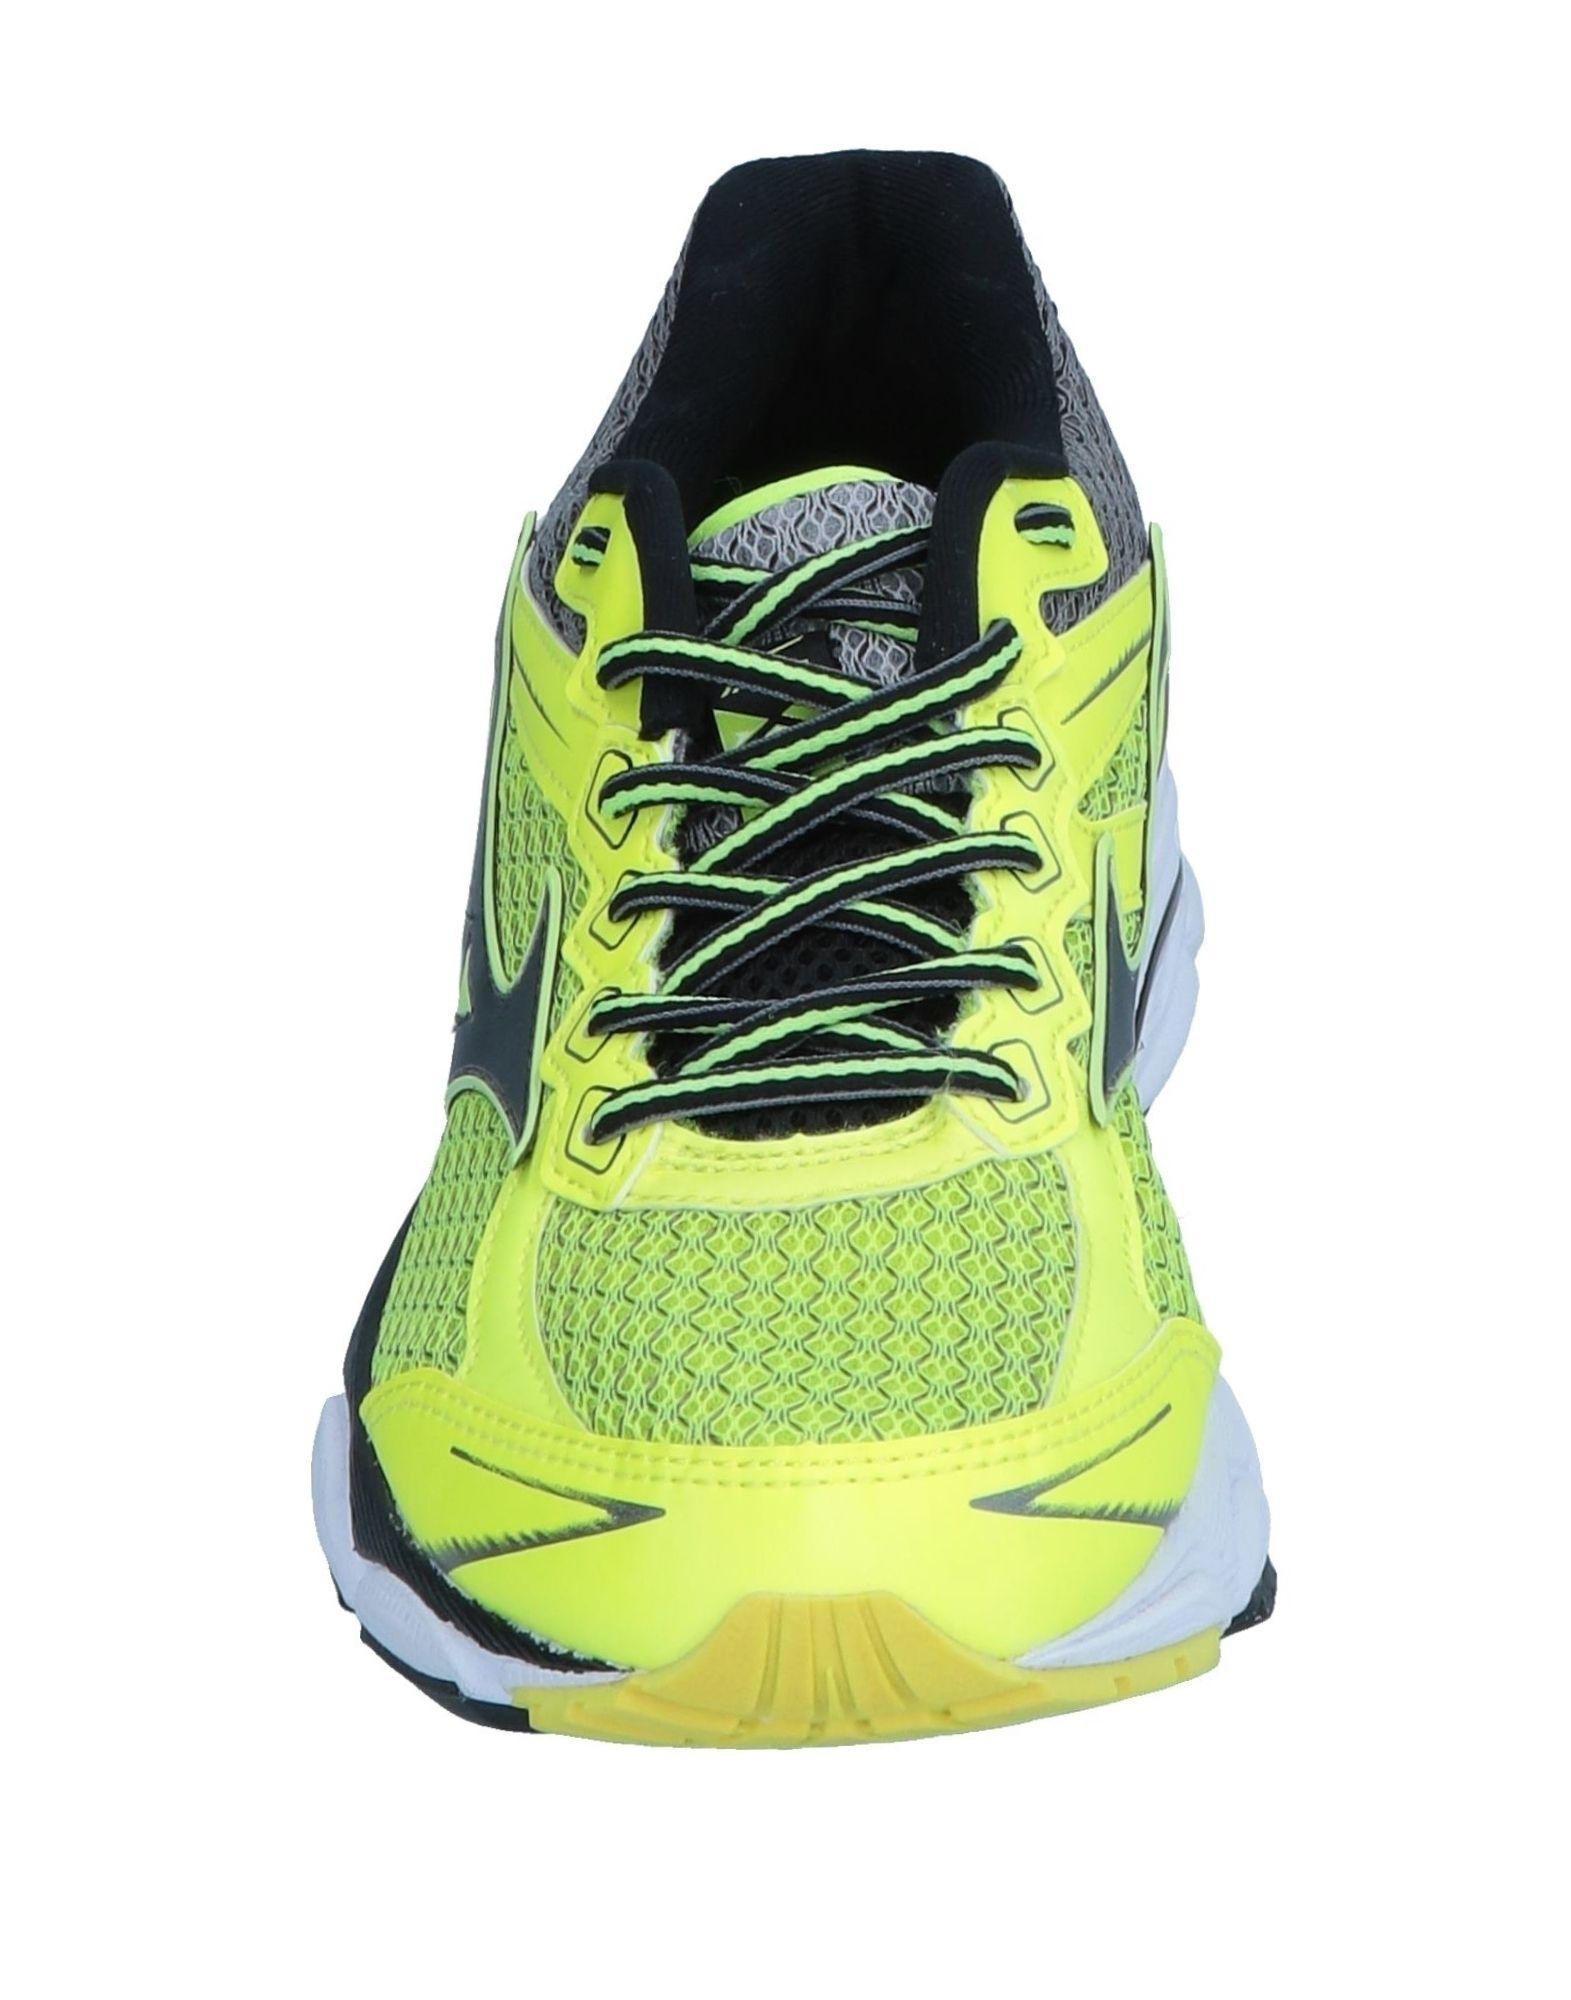 Rabatt echte Schuhe Herren Mizuno Sneakers Herren Schuhe  11547281FI 84e547